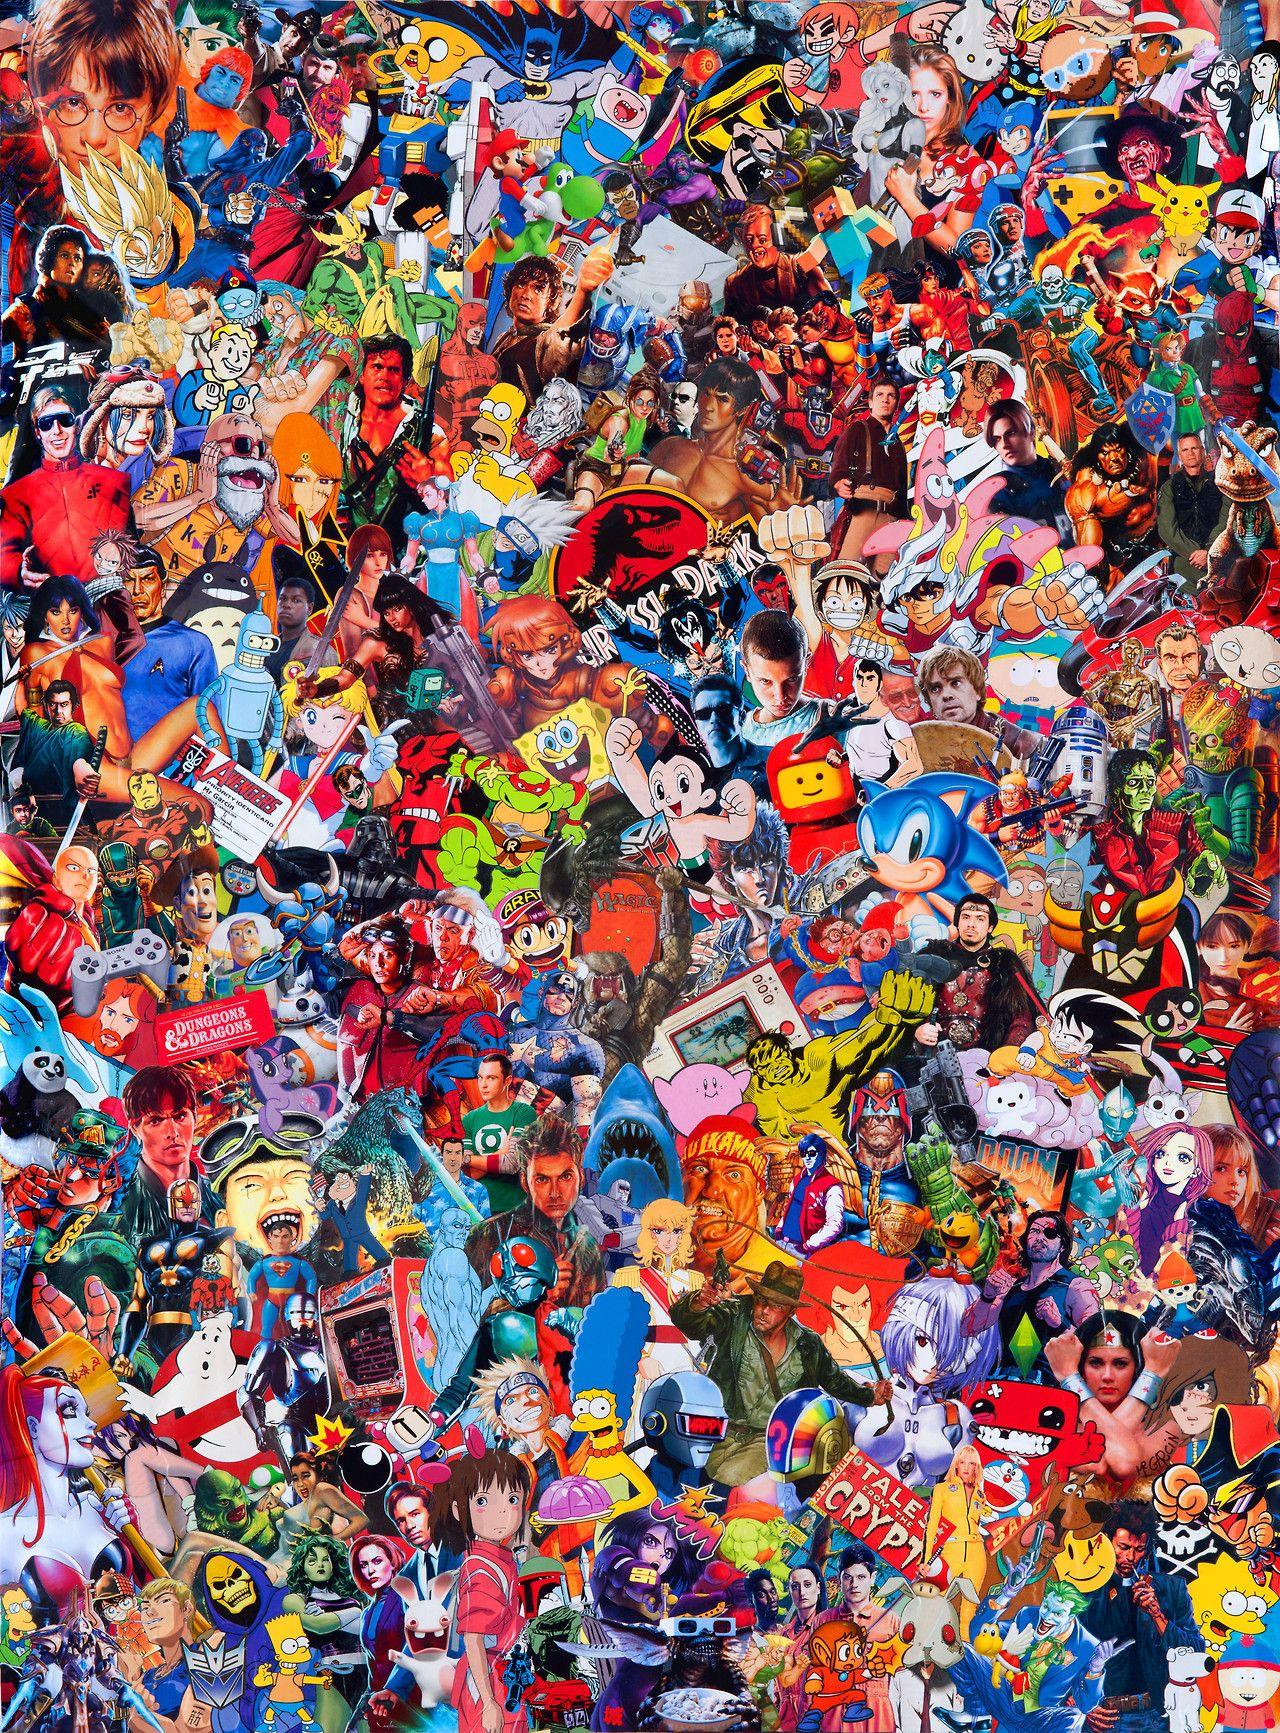 Geek by Mr Garcin 2016 in 2020 Geek art, Pop culture